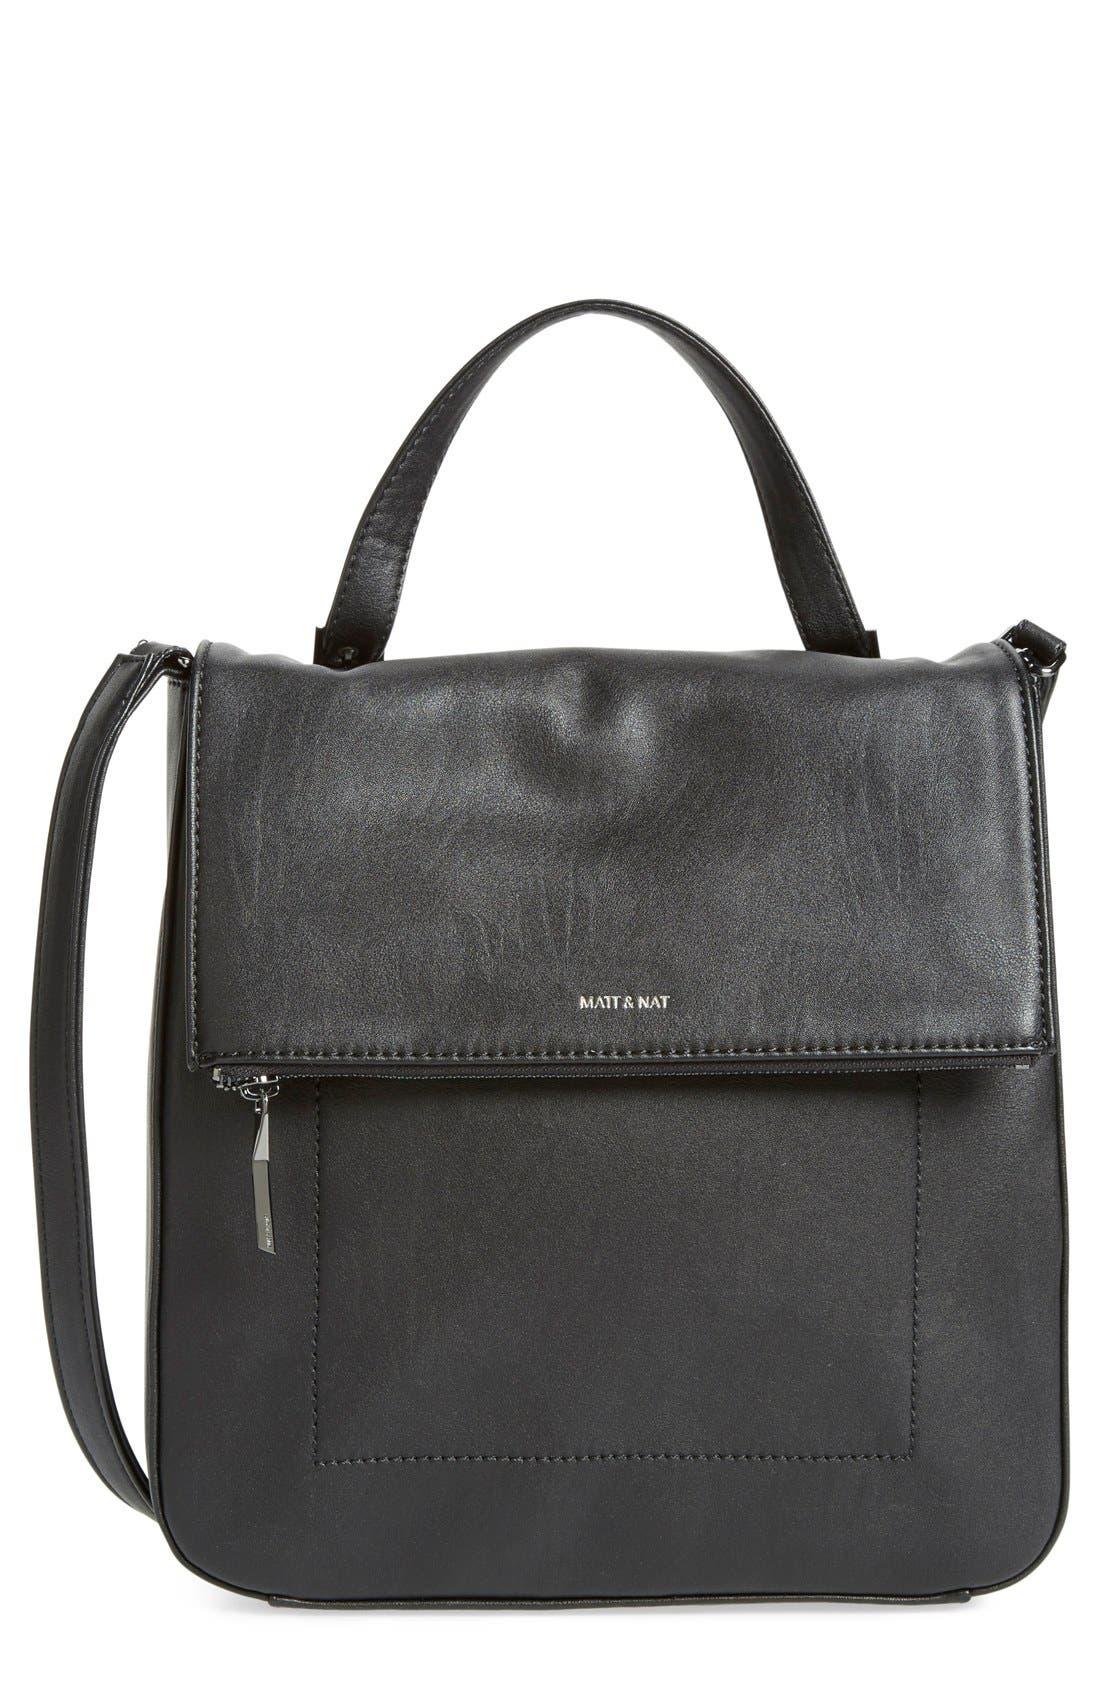 'Dunham' Vegan Leather Top Carry Handbag,                             Main thumbnail 1, color,                             001